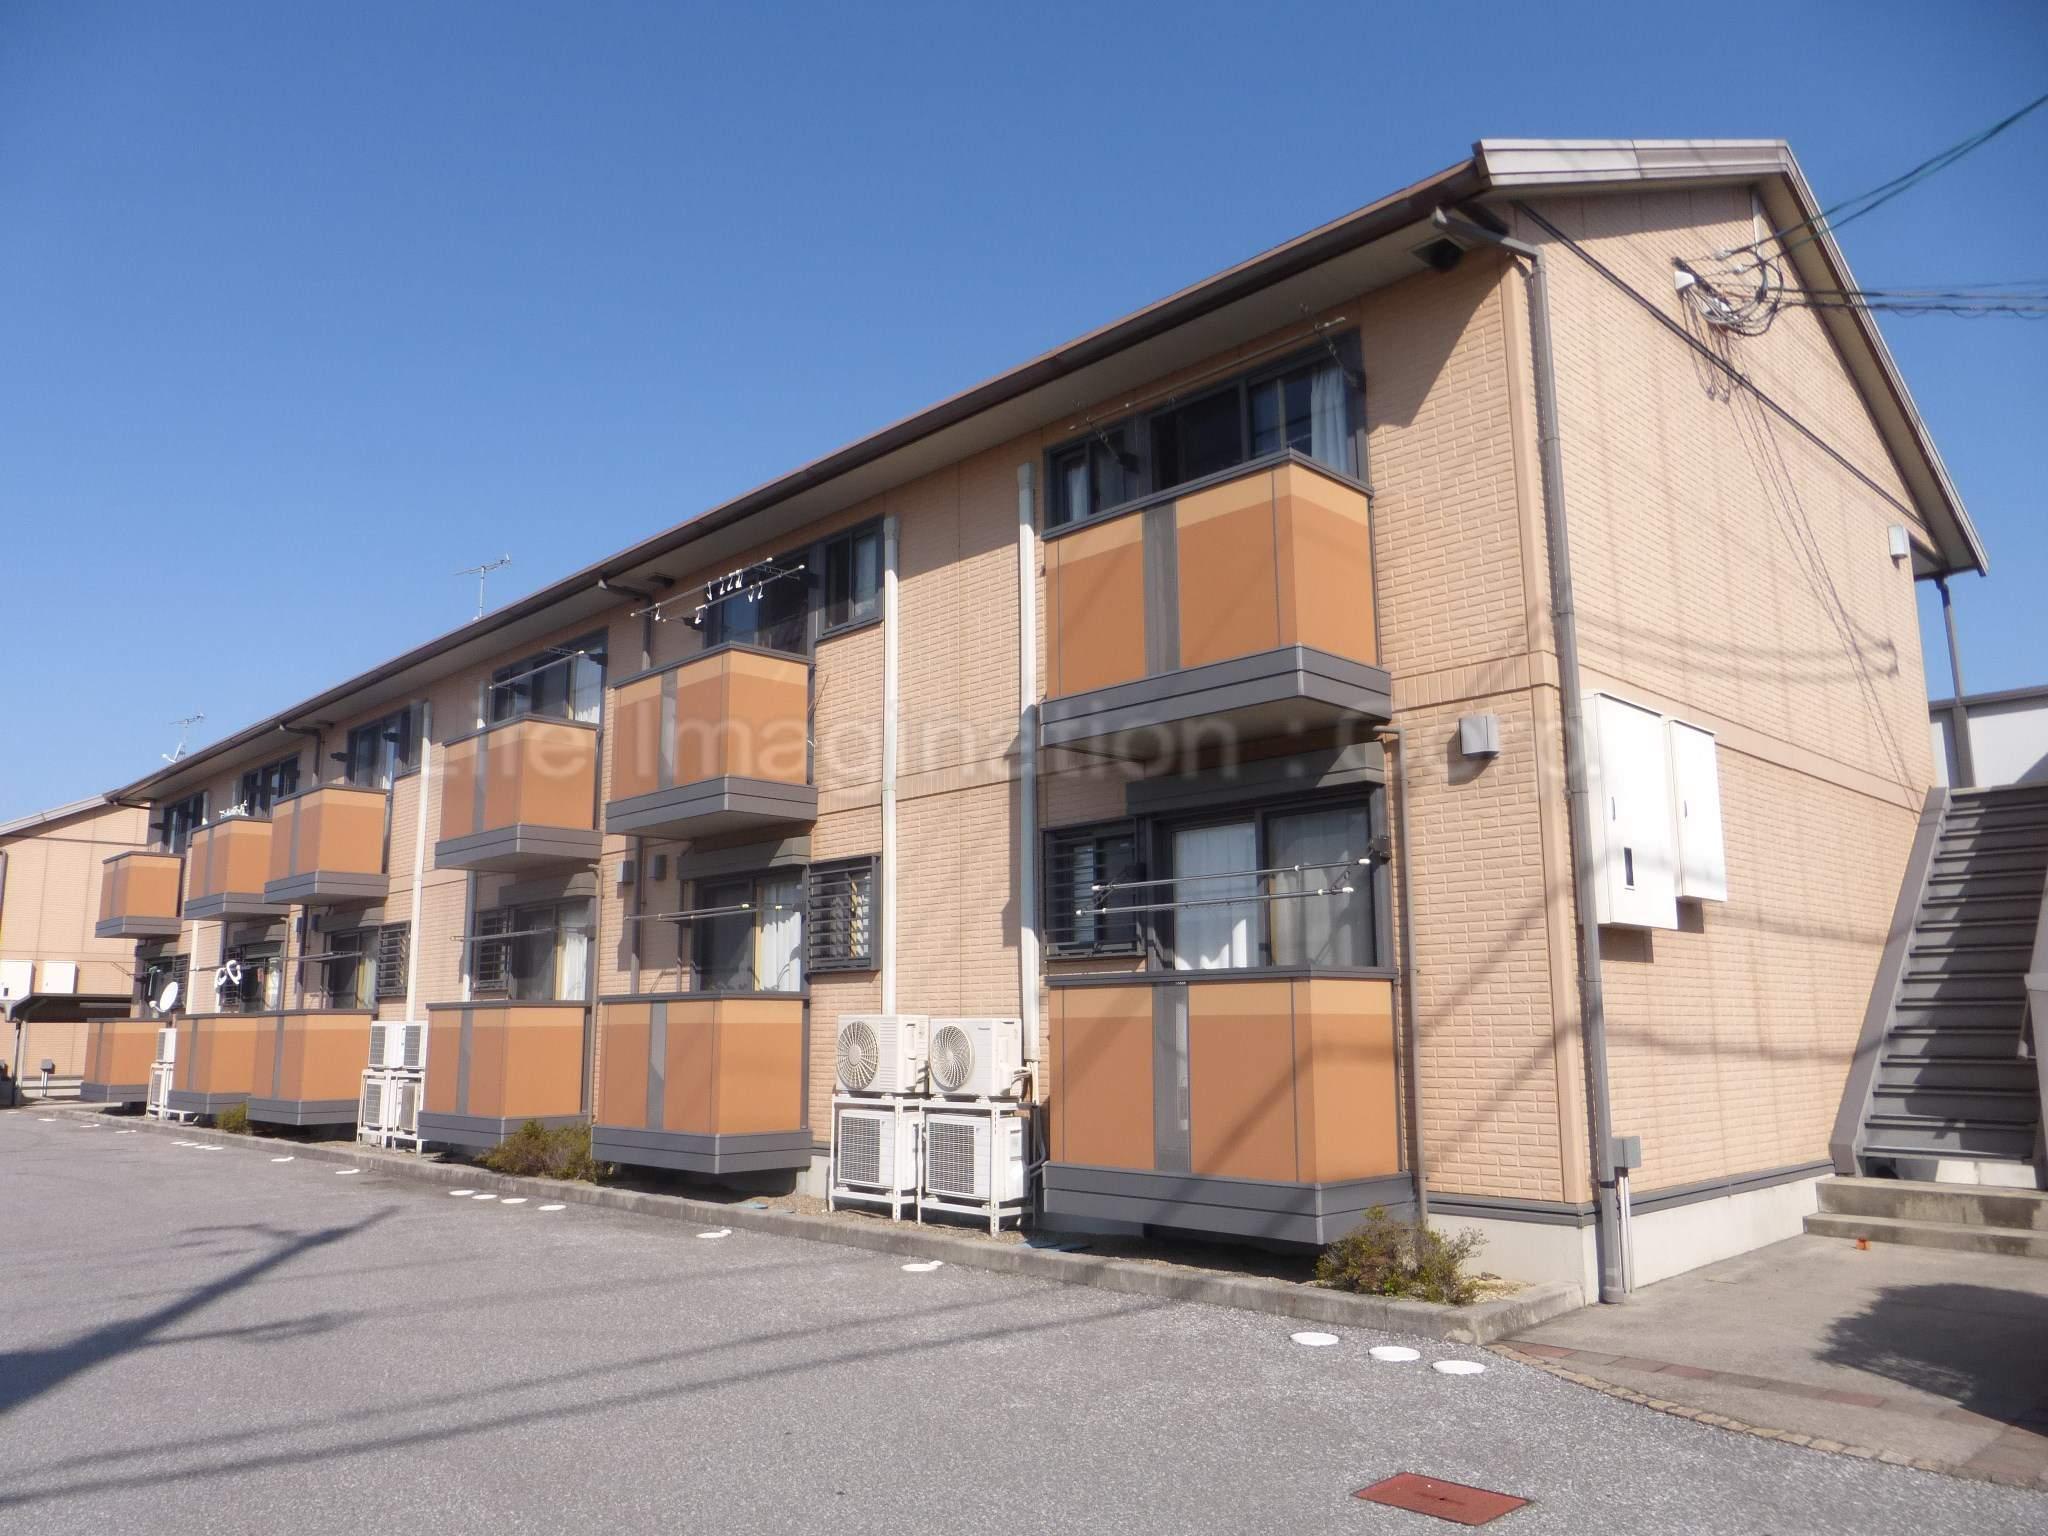 滋賀県彦根市、河瀬駅徒歩3分の築13年 2階建の賃貸アパート